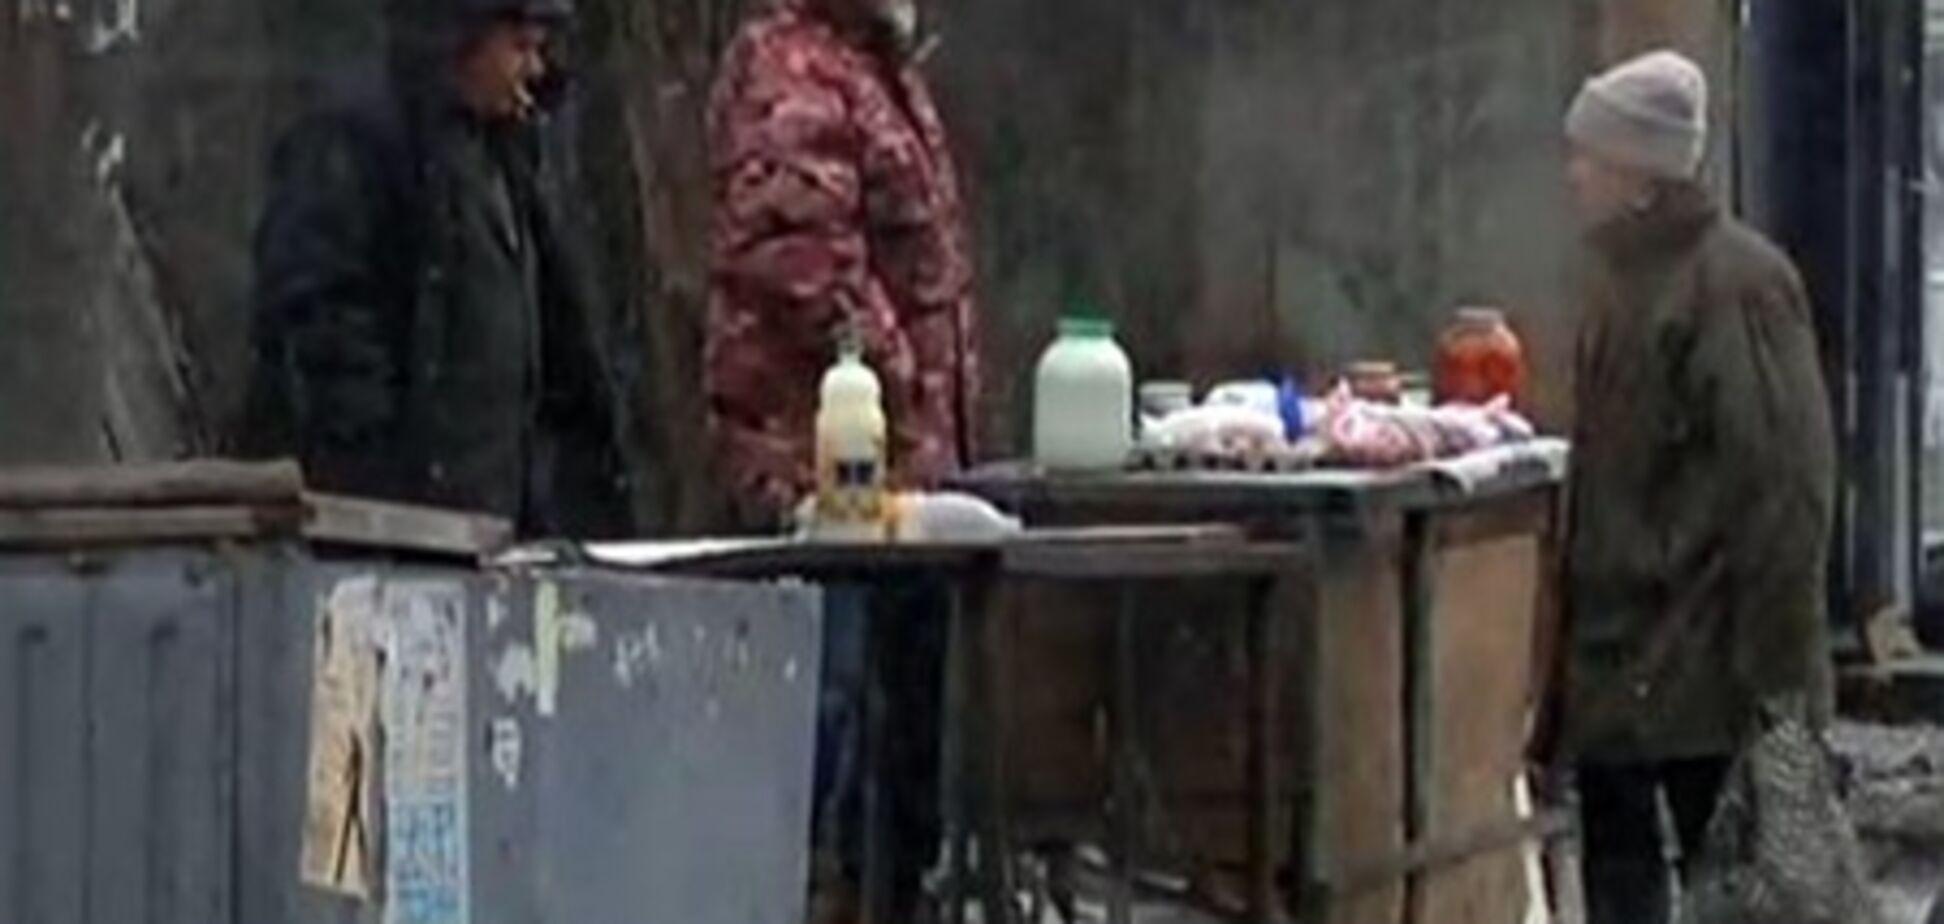 В Днепропетровске расстреляли очередь за молоком. Видео